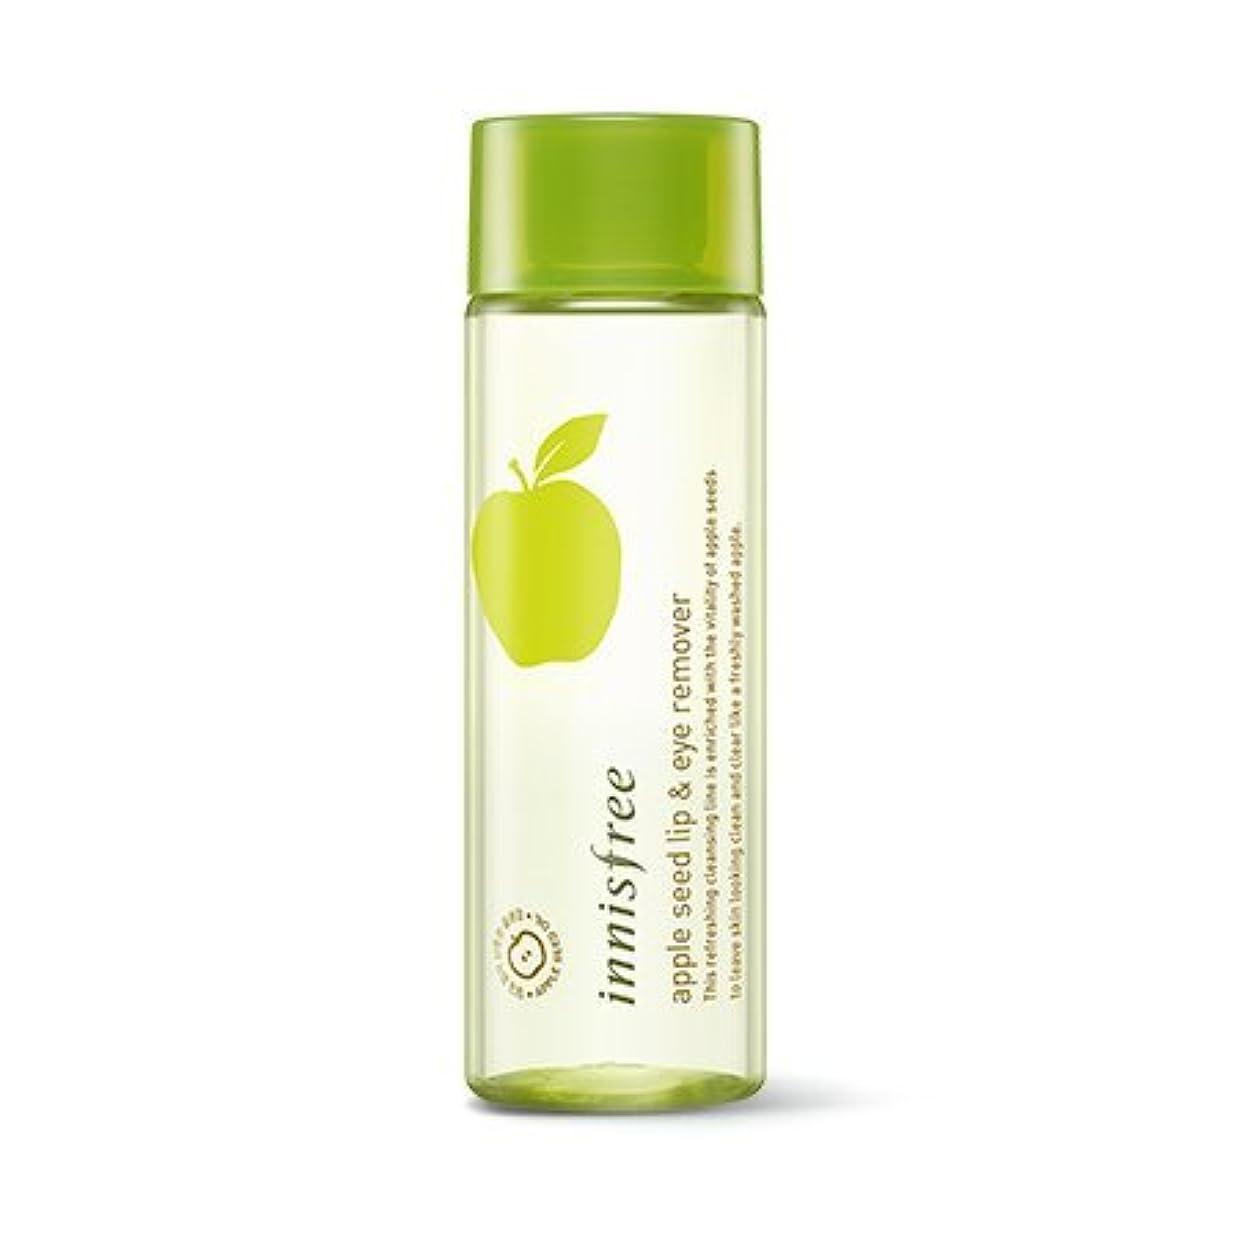 支援するエントリ性能[New] innisfree Apple Seed Lip & Eye Remover 100ml/イニスフリー アップル シード リップ&アイ リムーバー 100ml